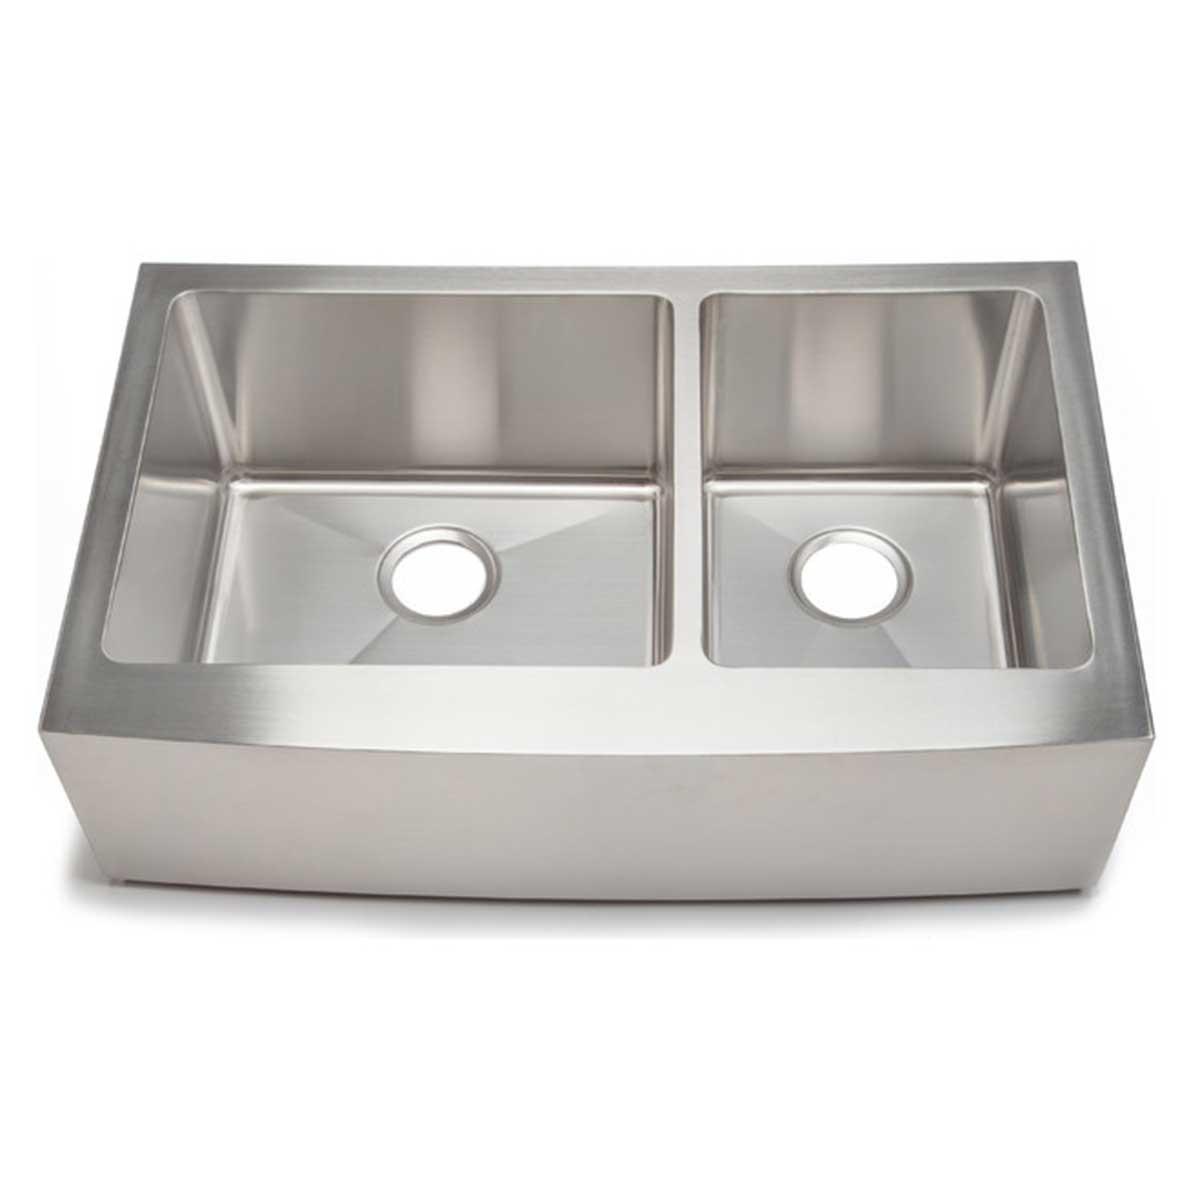 CPAZ3621-D1010 Artisan Sink